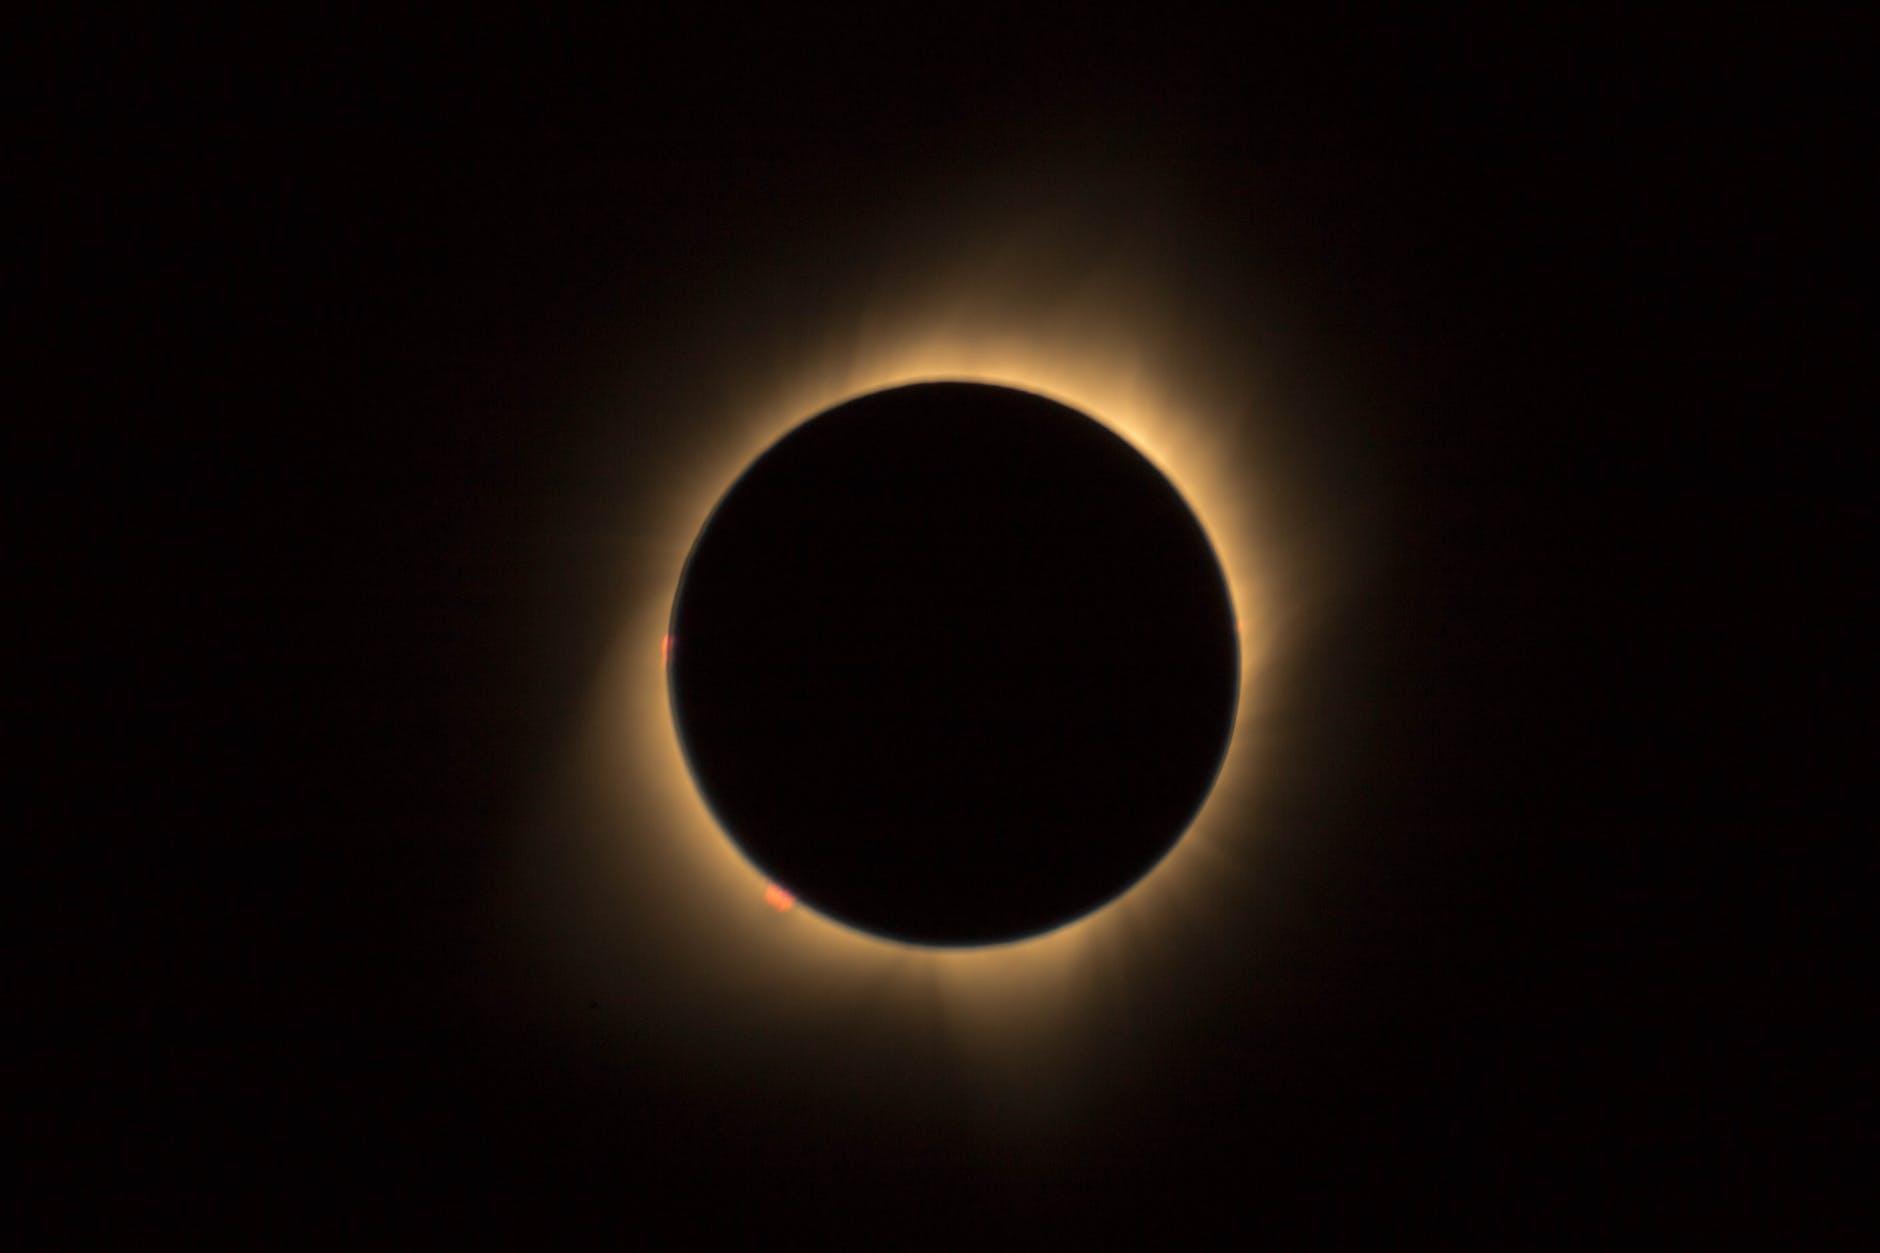 ¿Cómo ver el eclipse solar que cierra el año?